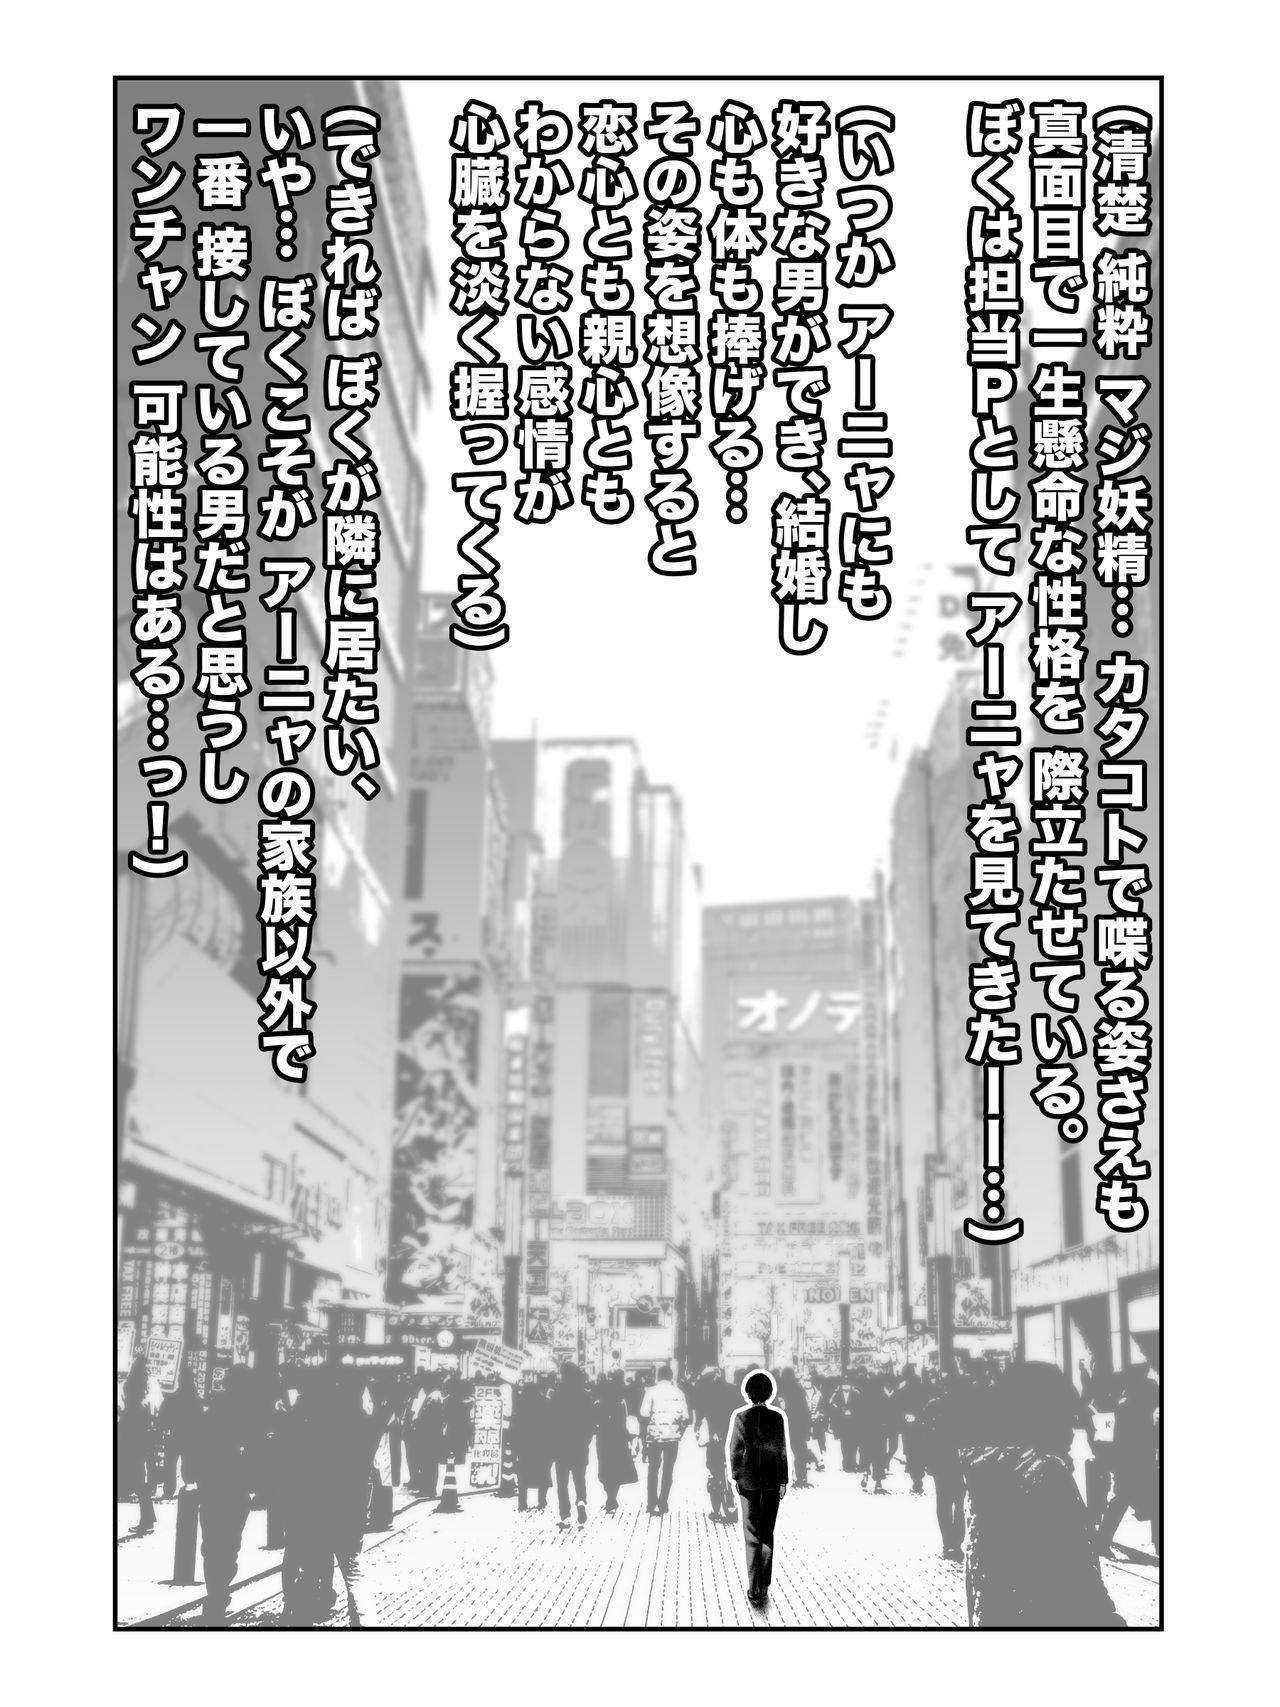 Kanzenba/P 「Sochira no kata wa…?」?「Chissu, ore otoutosu」 8